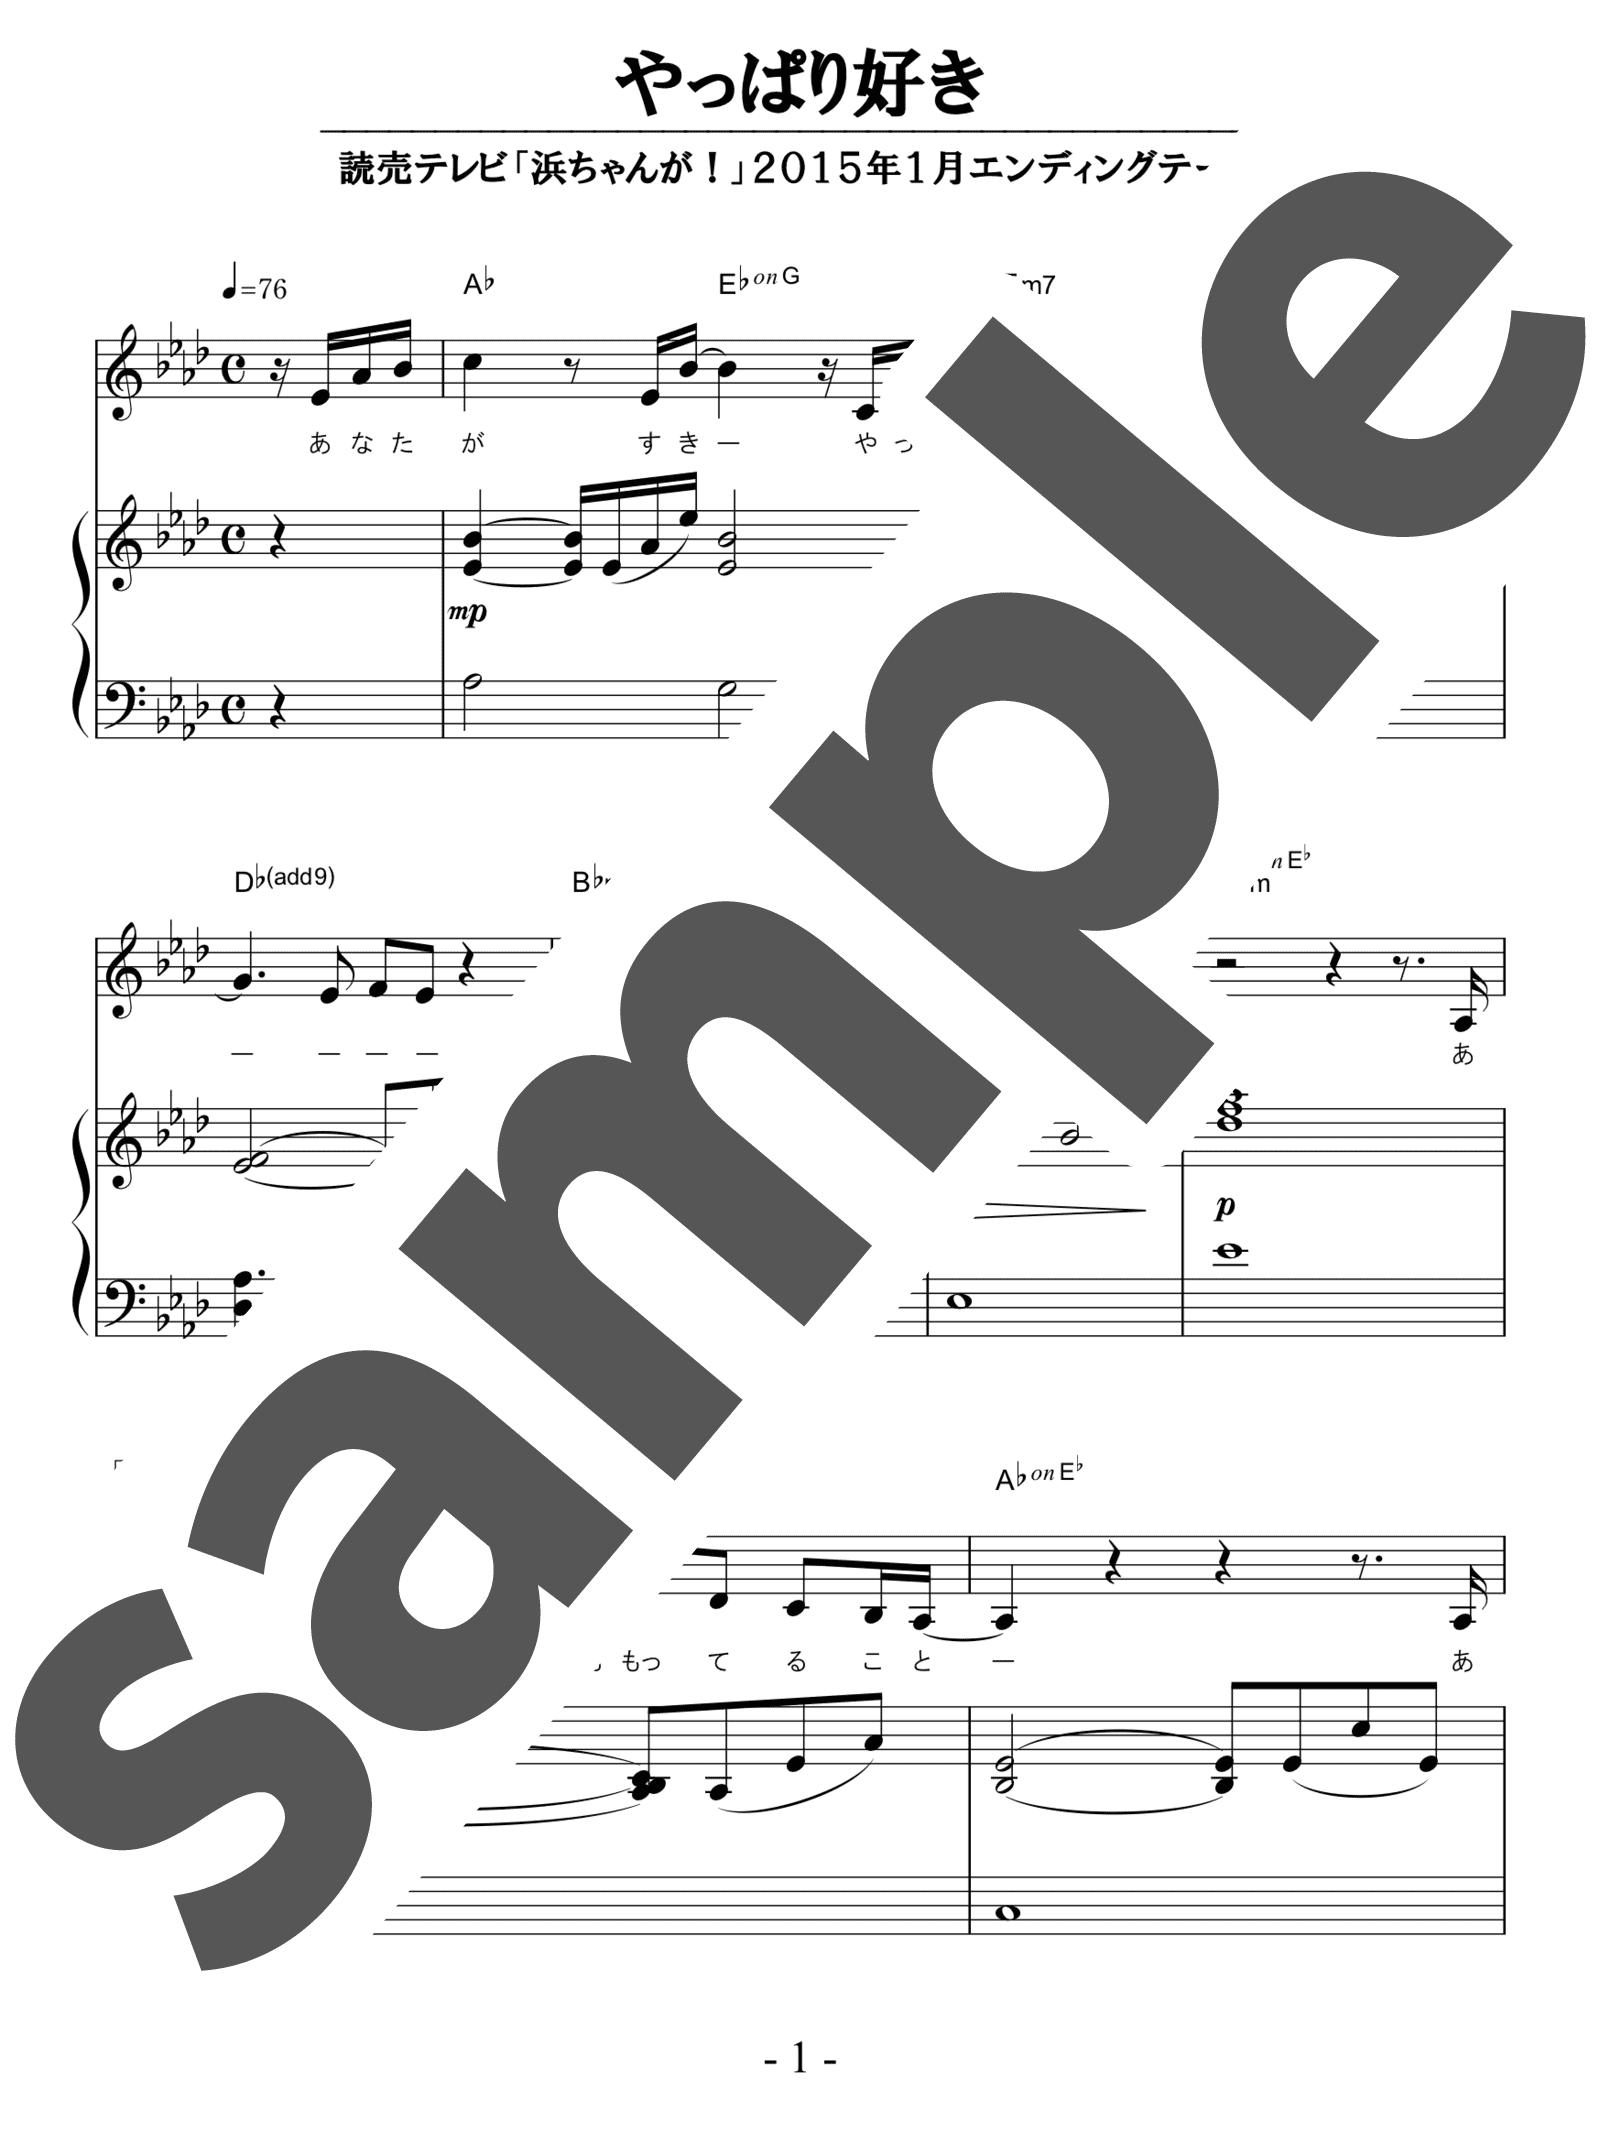 「やっぱり好き」のサンプル楽譜